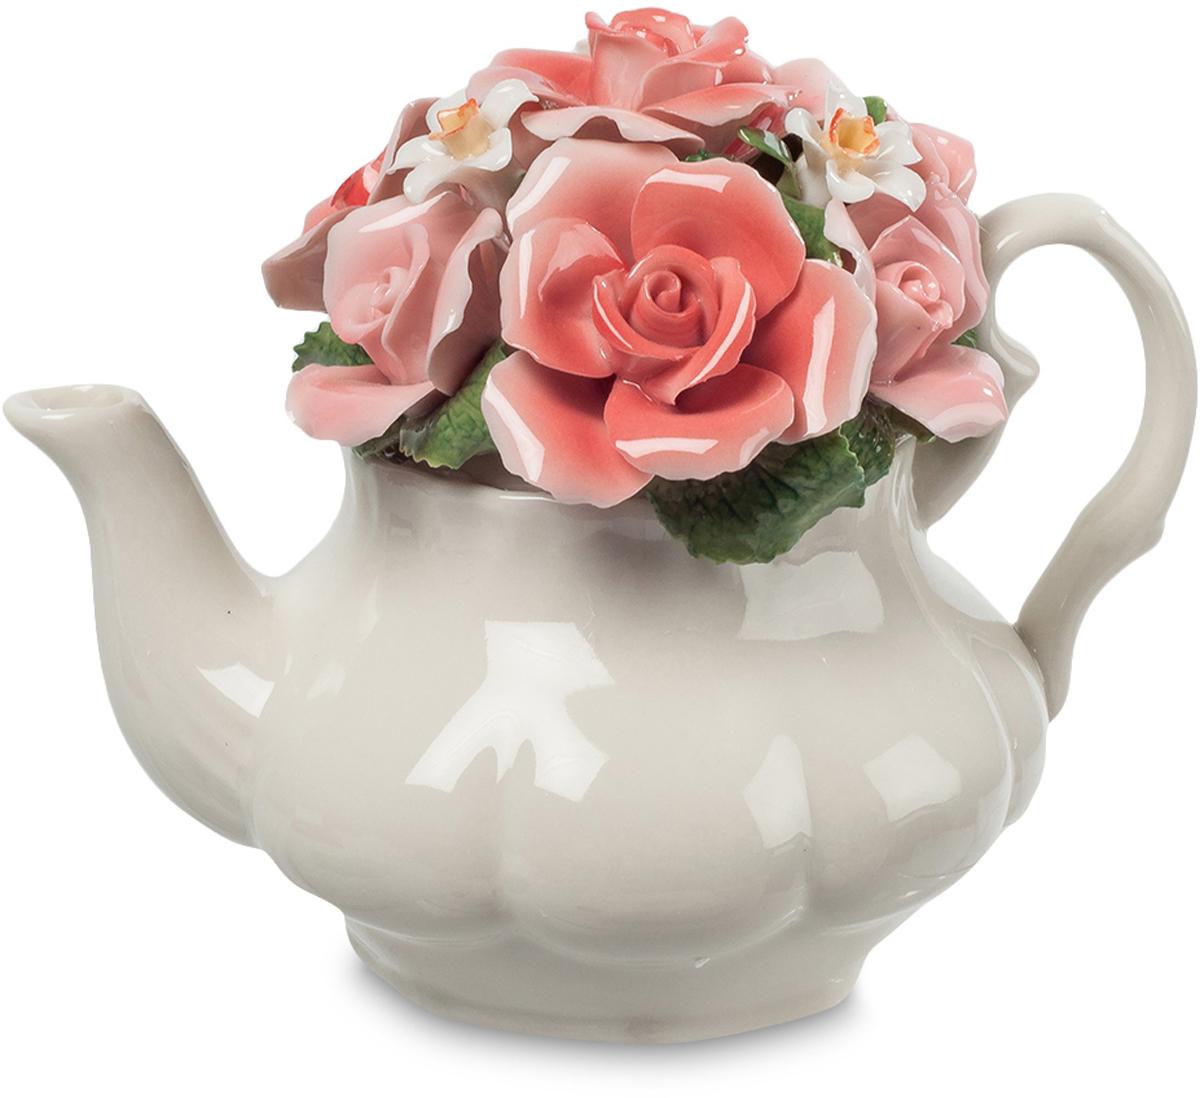 Композиция Pavone Чайник с цветами. CMS-33/70CMS-33/70Композиция Чайник с цветами (Pavone) Что делать, когда срезанные цветы некуда поставить? Нет под рукой ни кувшина, ни вазы, ни даже простой банки. Вот чайник под руку подвернулся – поставим в него! Простая, но удивительная композиция из розовых роз с зелеными листьями и мелких белых цветочков между ними получилась удивительно красивой: поистине розы способны украсить все вокруг себя, превратив прозаичный чайник в элегантную вазу с нежными изгибами носика и ручки. Такой букетик можно поставить где угодно – на кухне или в гостиной: розы украсят любое помещение, и никто не скажет, что чайник стоит не на месте, он же несет в себе букет роз!